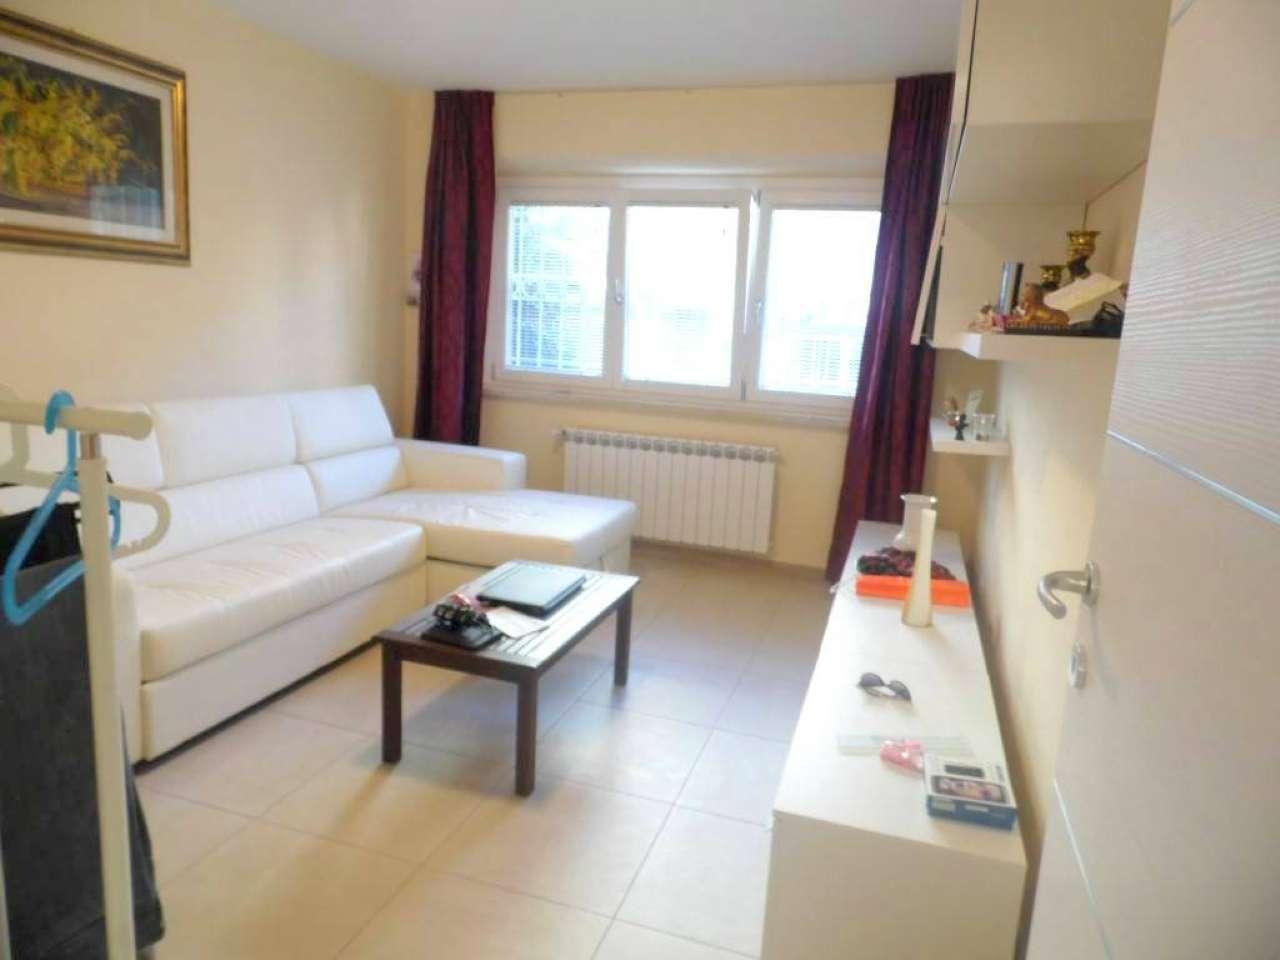 Palazzo / Stabile in vendita a Viareggio, 6 locali, prezzo € 490.000 | Cambio Casa.it